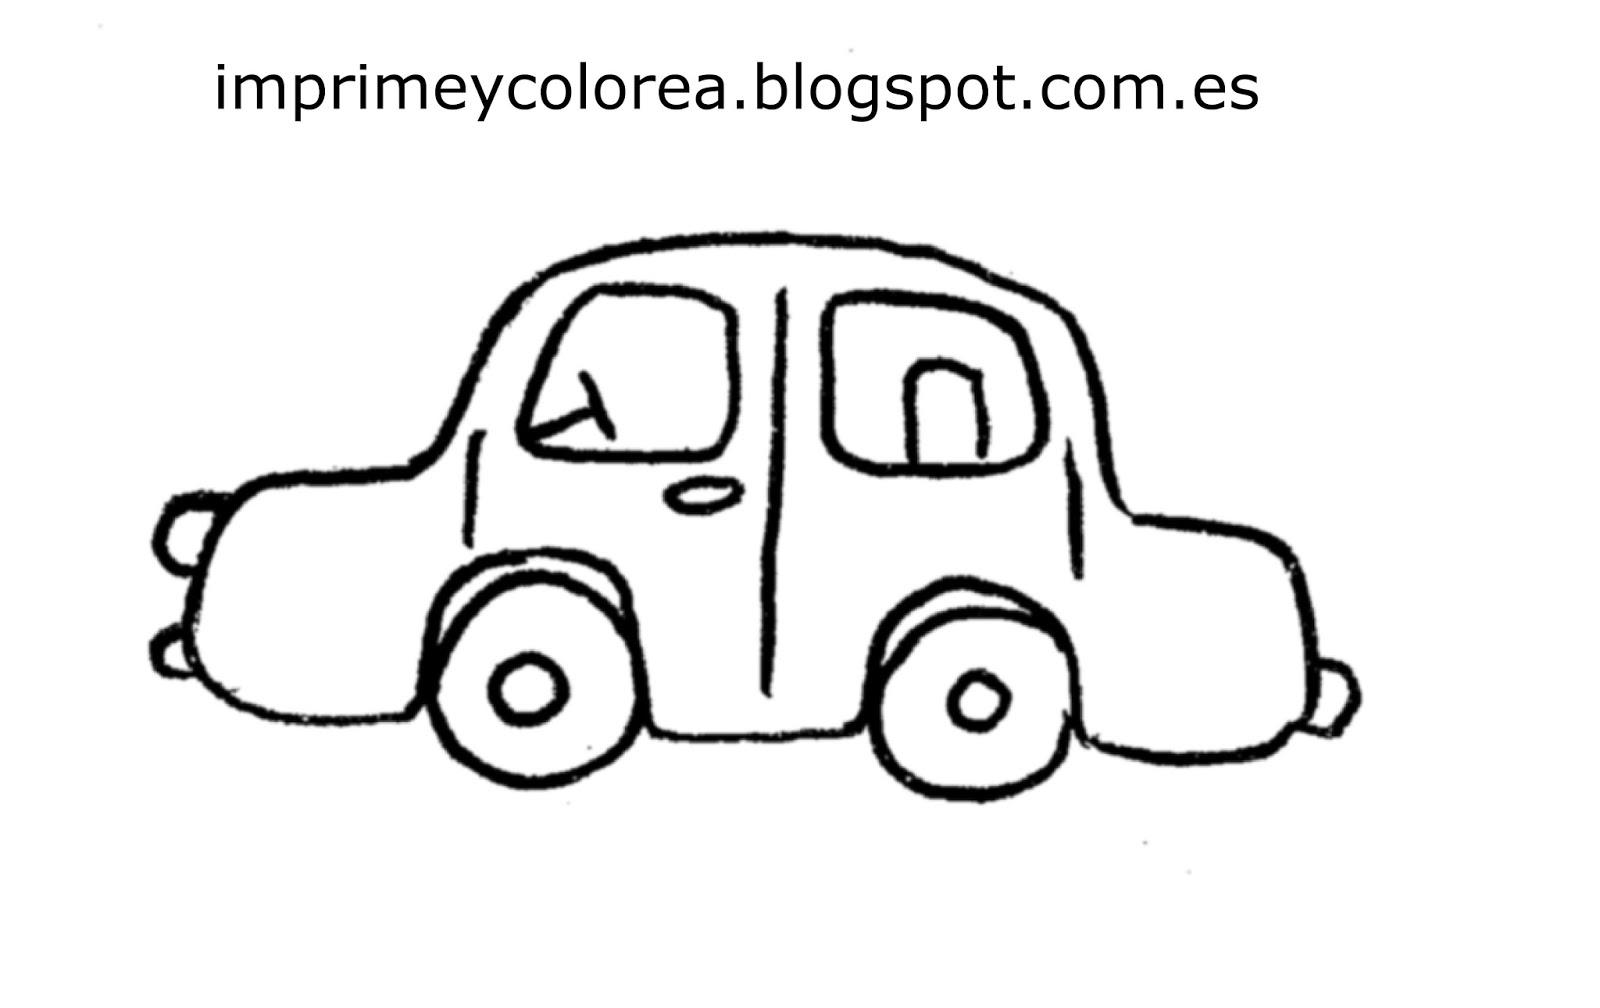 Dibujos De Coches Para Colorear Faciles: Imagenes De Coches Para Dibujar